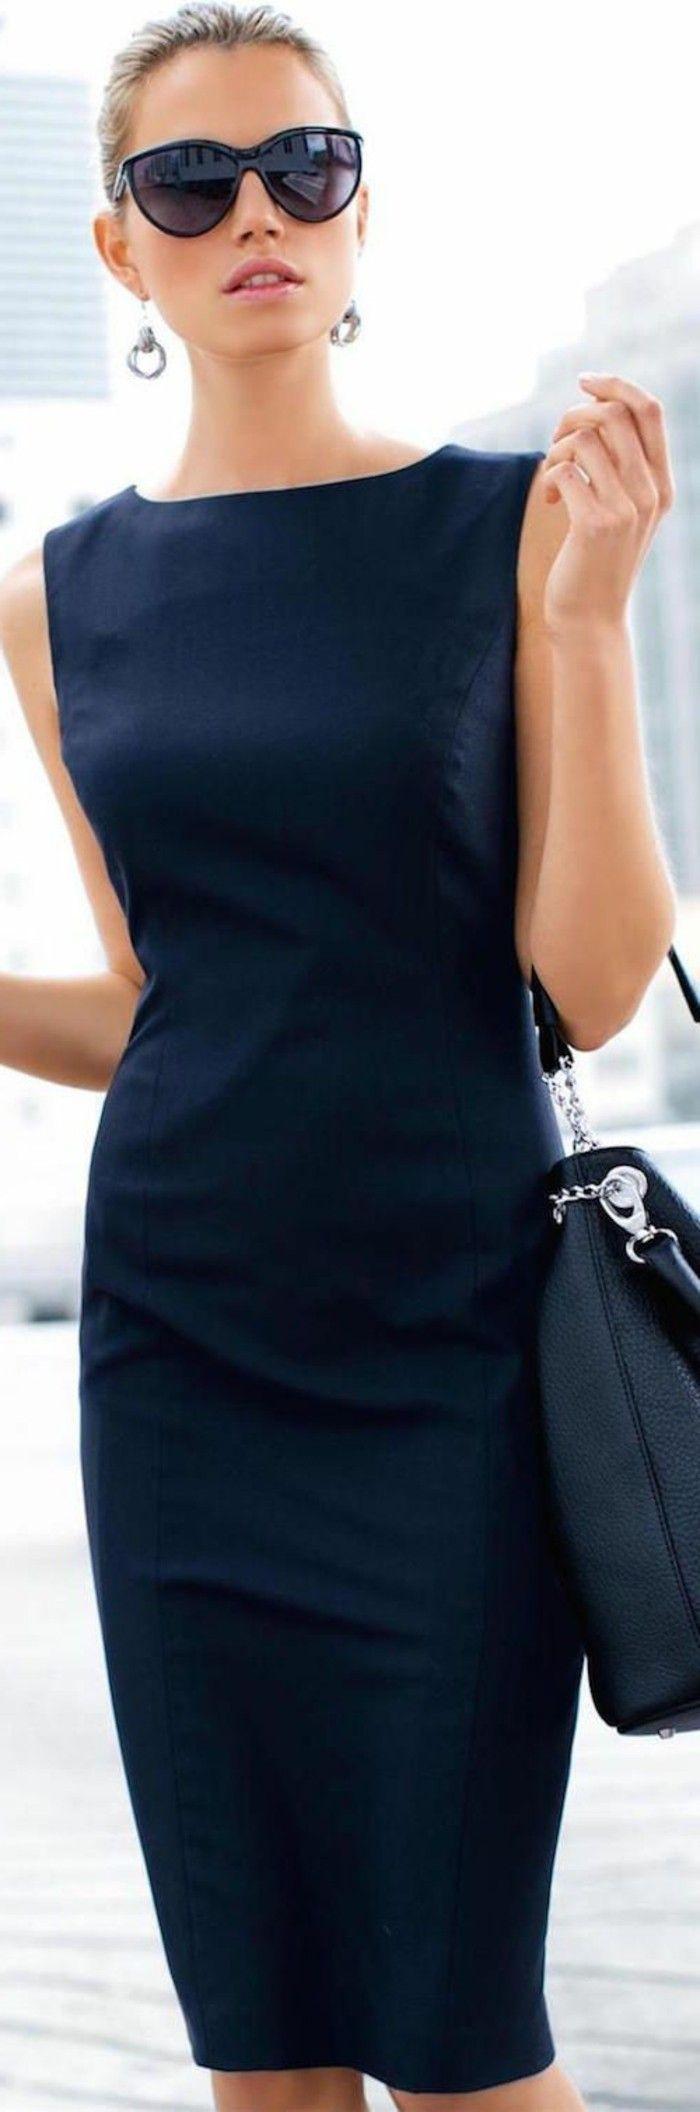 15 Einfach Etuikleider Elegant StylishAbend Coolste Etuikleider Elegant Boutique